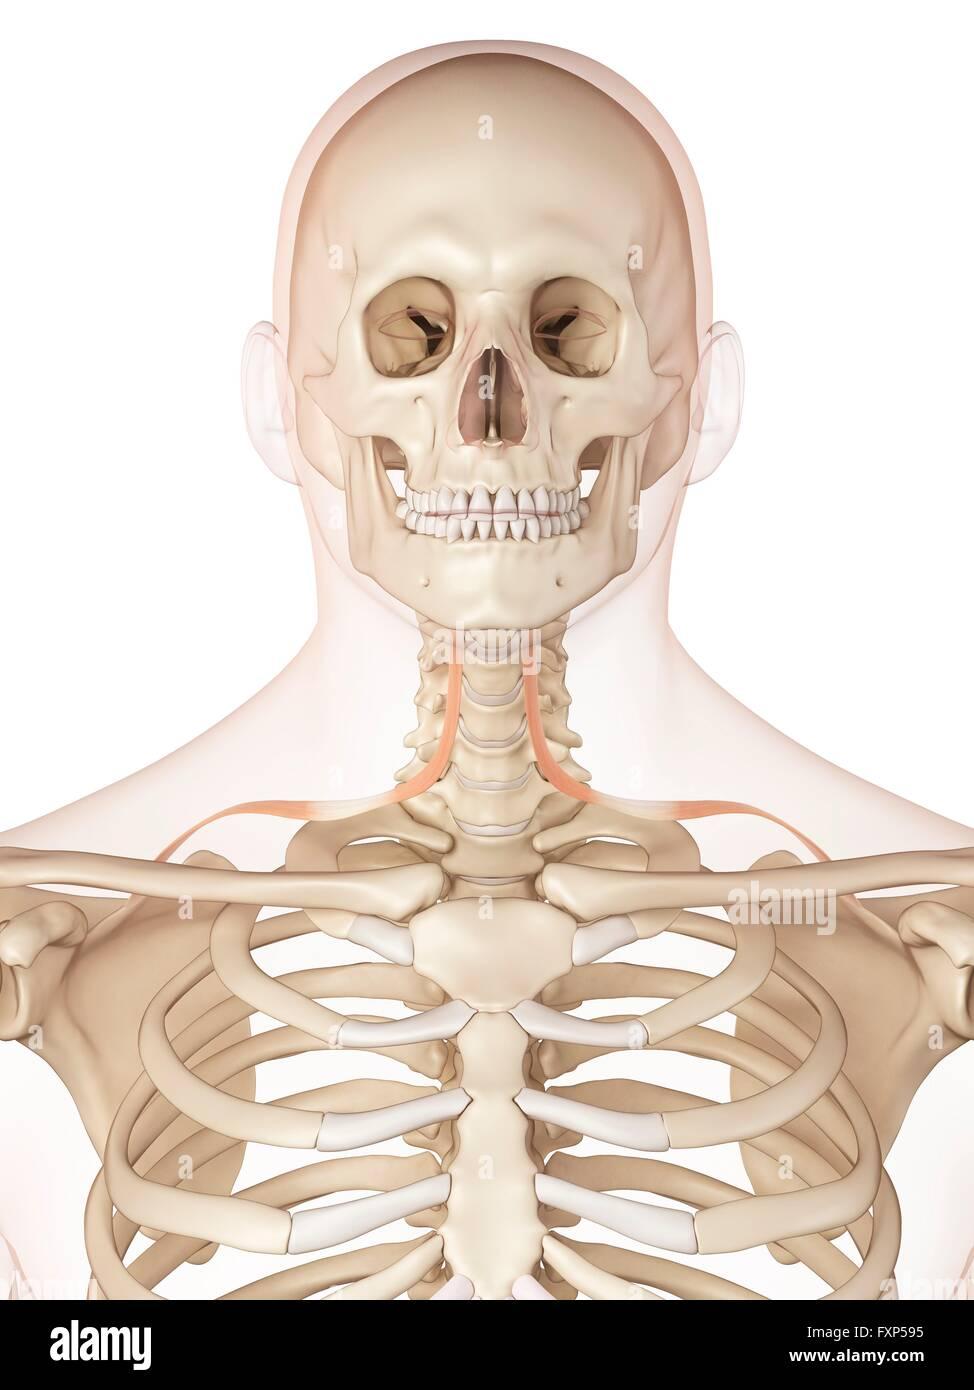 Gemütlich Nackenmuskulatur Bilder Galerie - Menschliche Anatomie ...